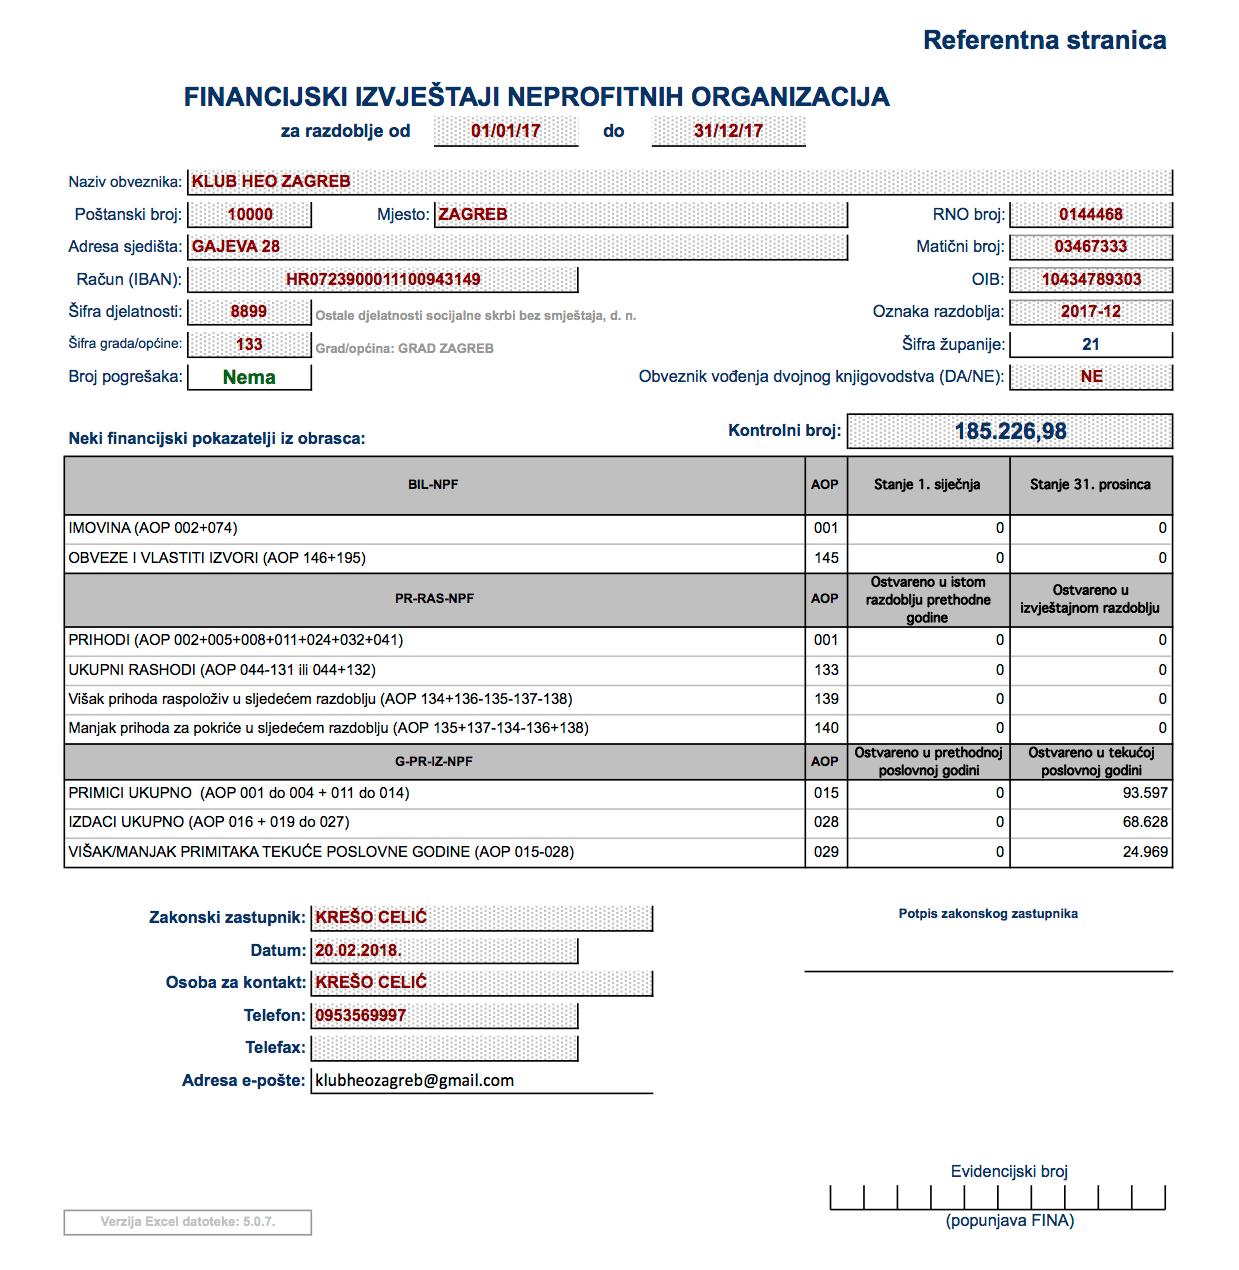 Financijski izvjestaj za 2017. godinu - Referentna stranica